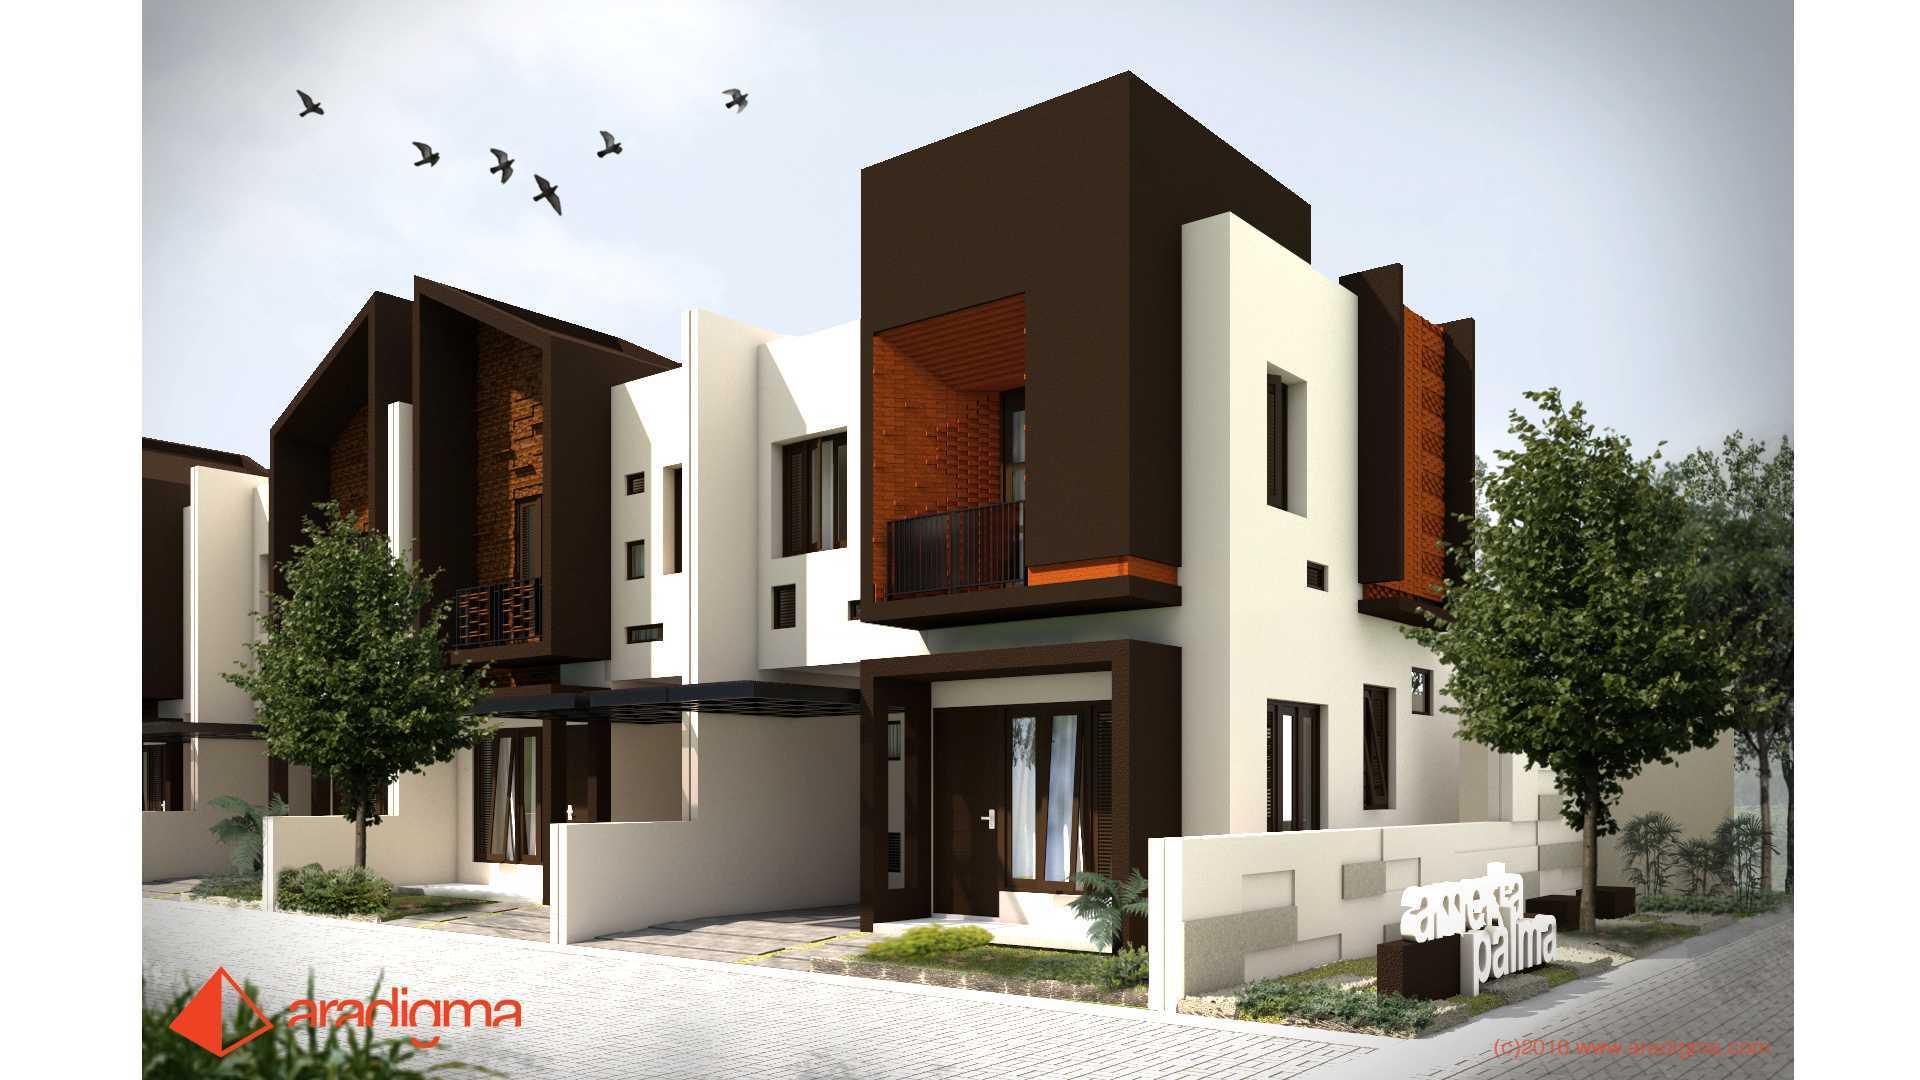 Aradigma Rumah Bima Malang Malang Side View Tropis,minimalis,kontemporer <P>Desain Menarik Dengan Permainan Bidang, Massa Bangunan Dan Material</p> 20104